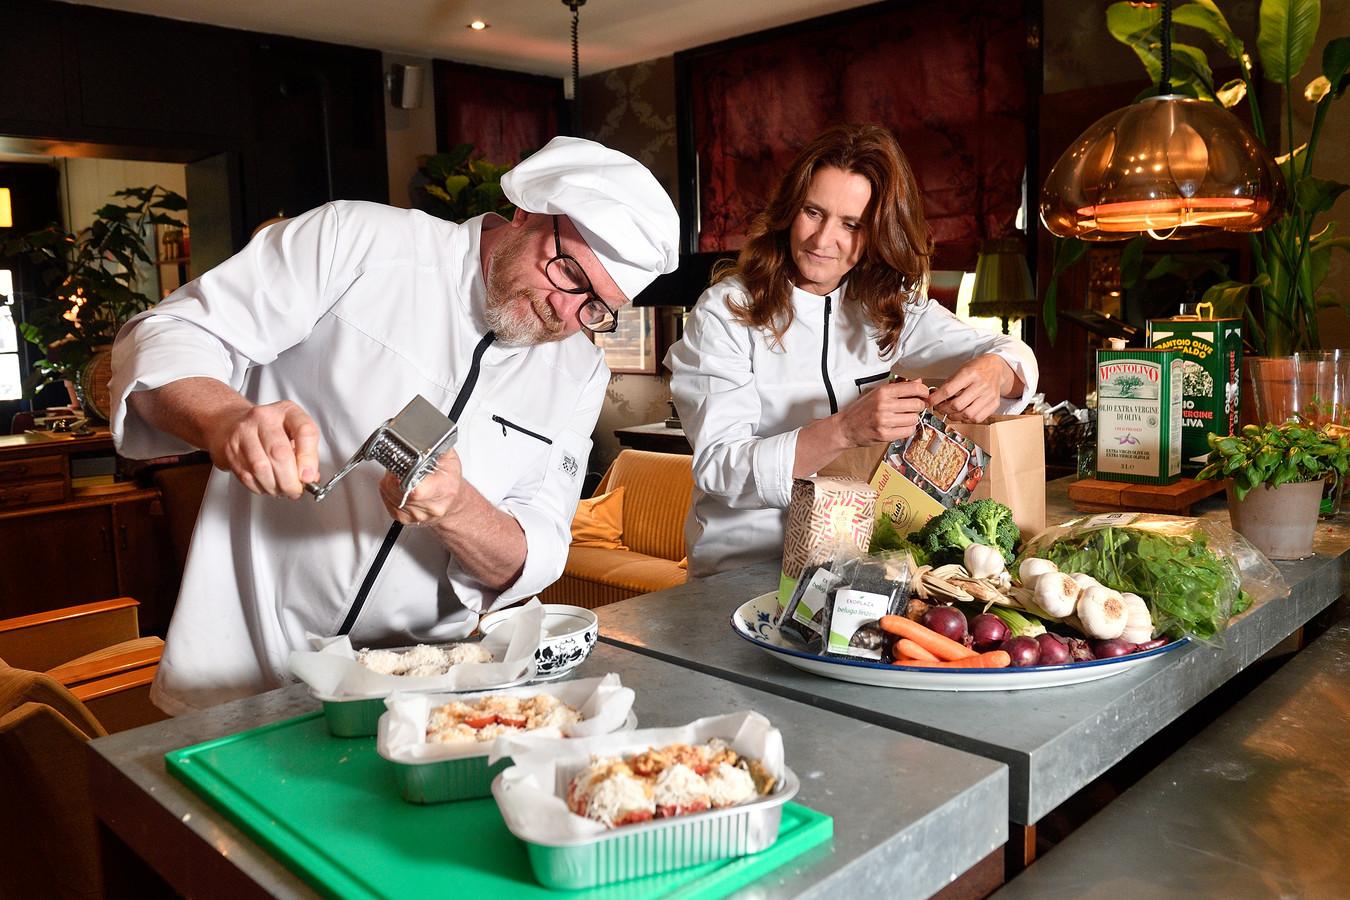 Pim Haaksman en Antoinette Dorrestein zijn samen op lasagne-missie in Club Lasagna in Soest.